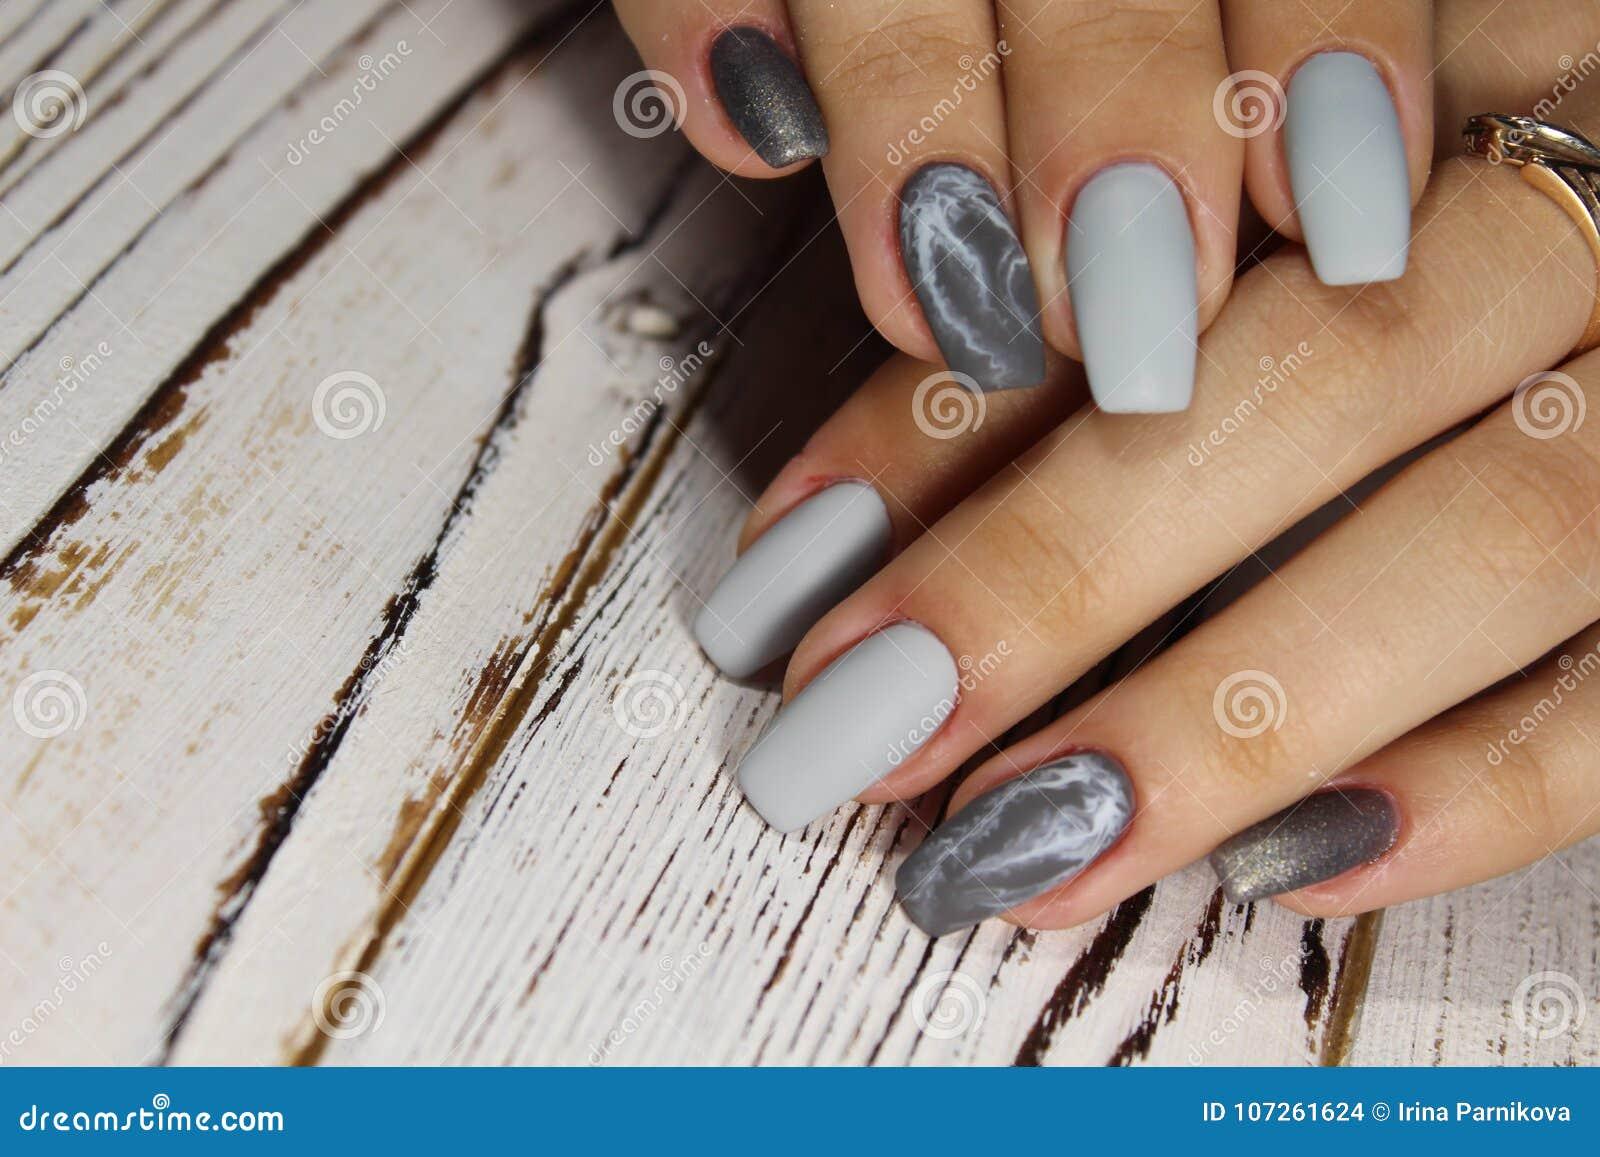 Idée Pour La Manucure Photo Stock Image Du Conception 107261624